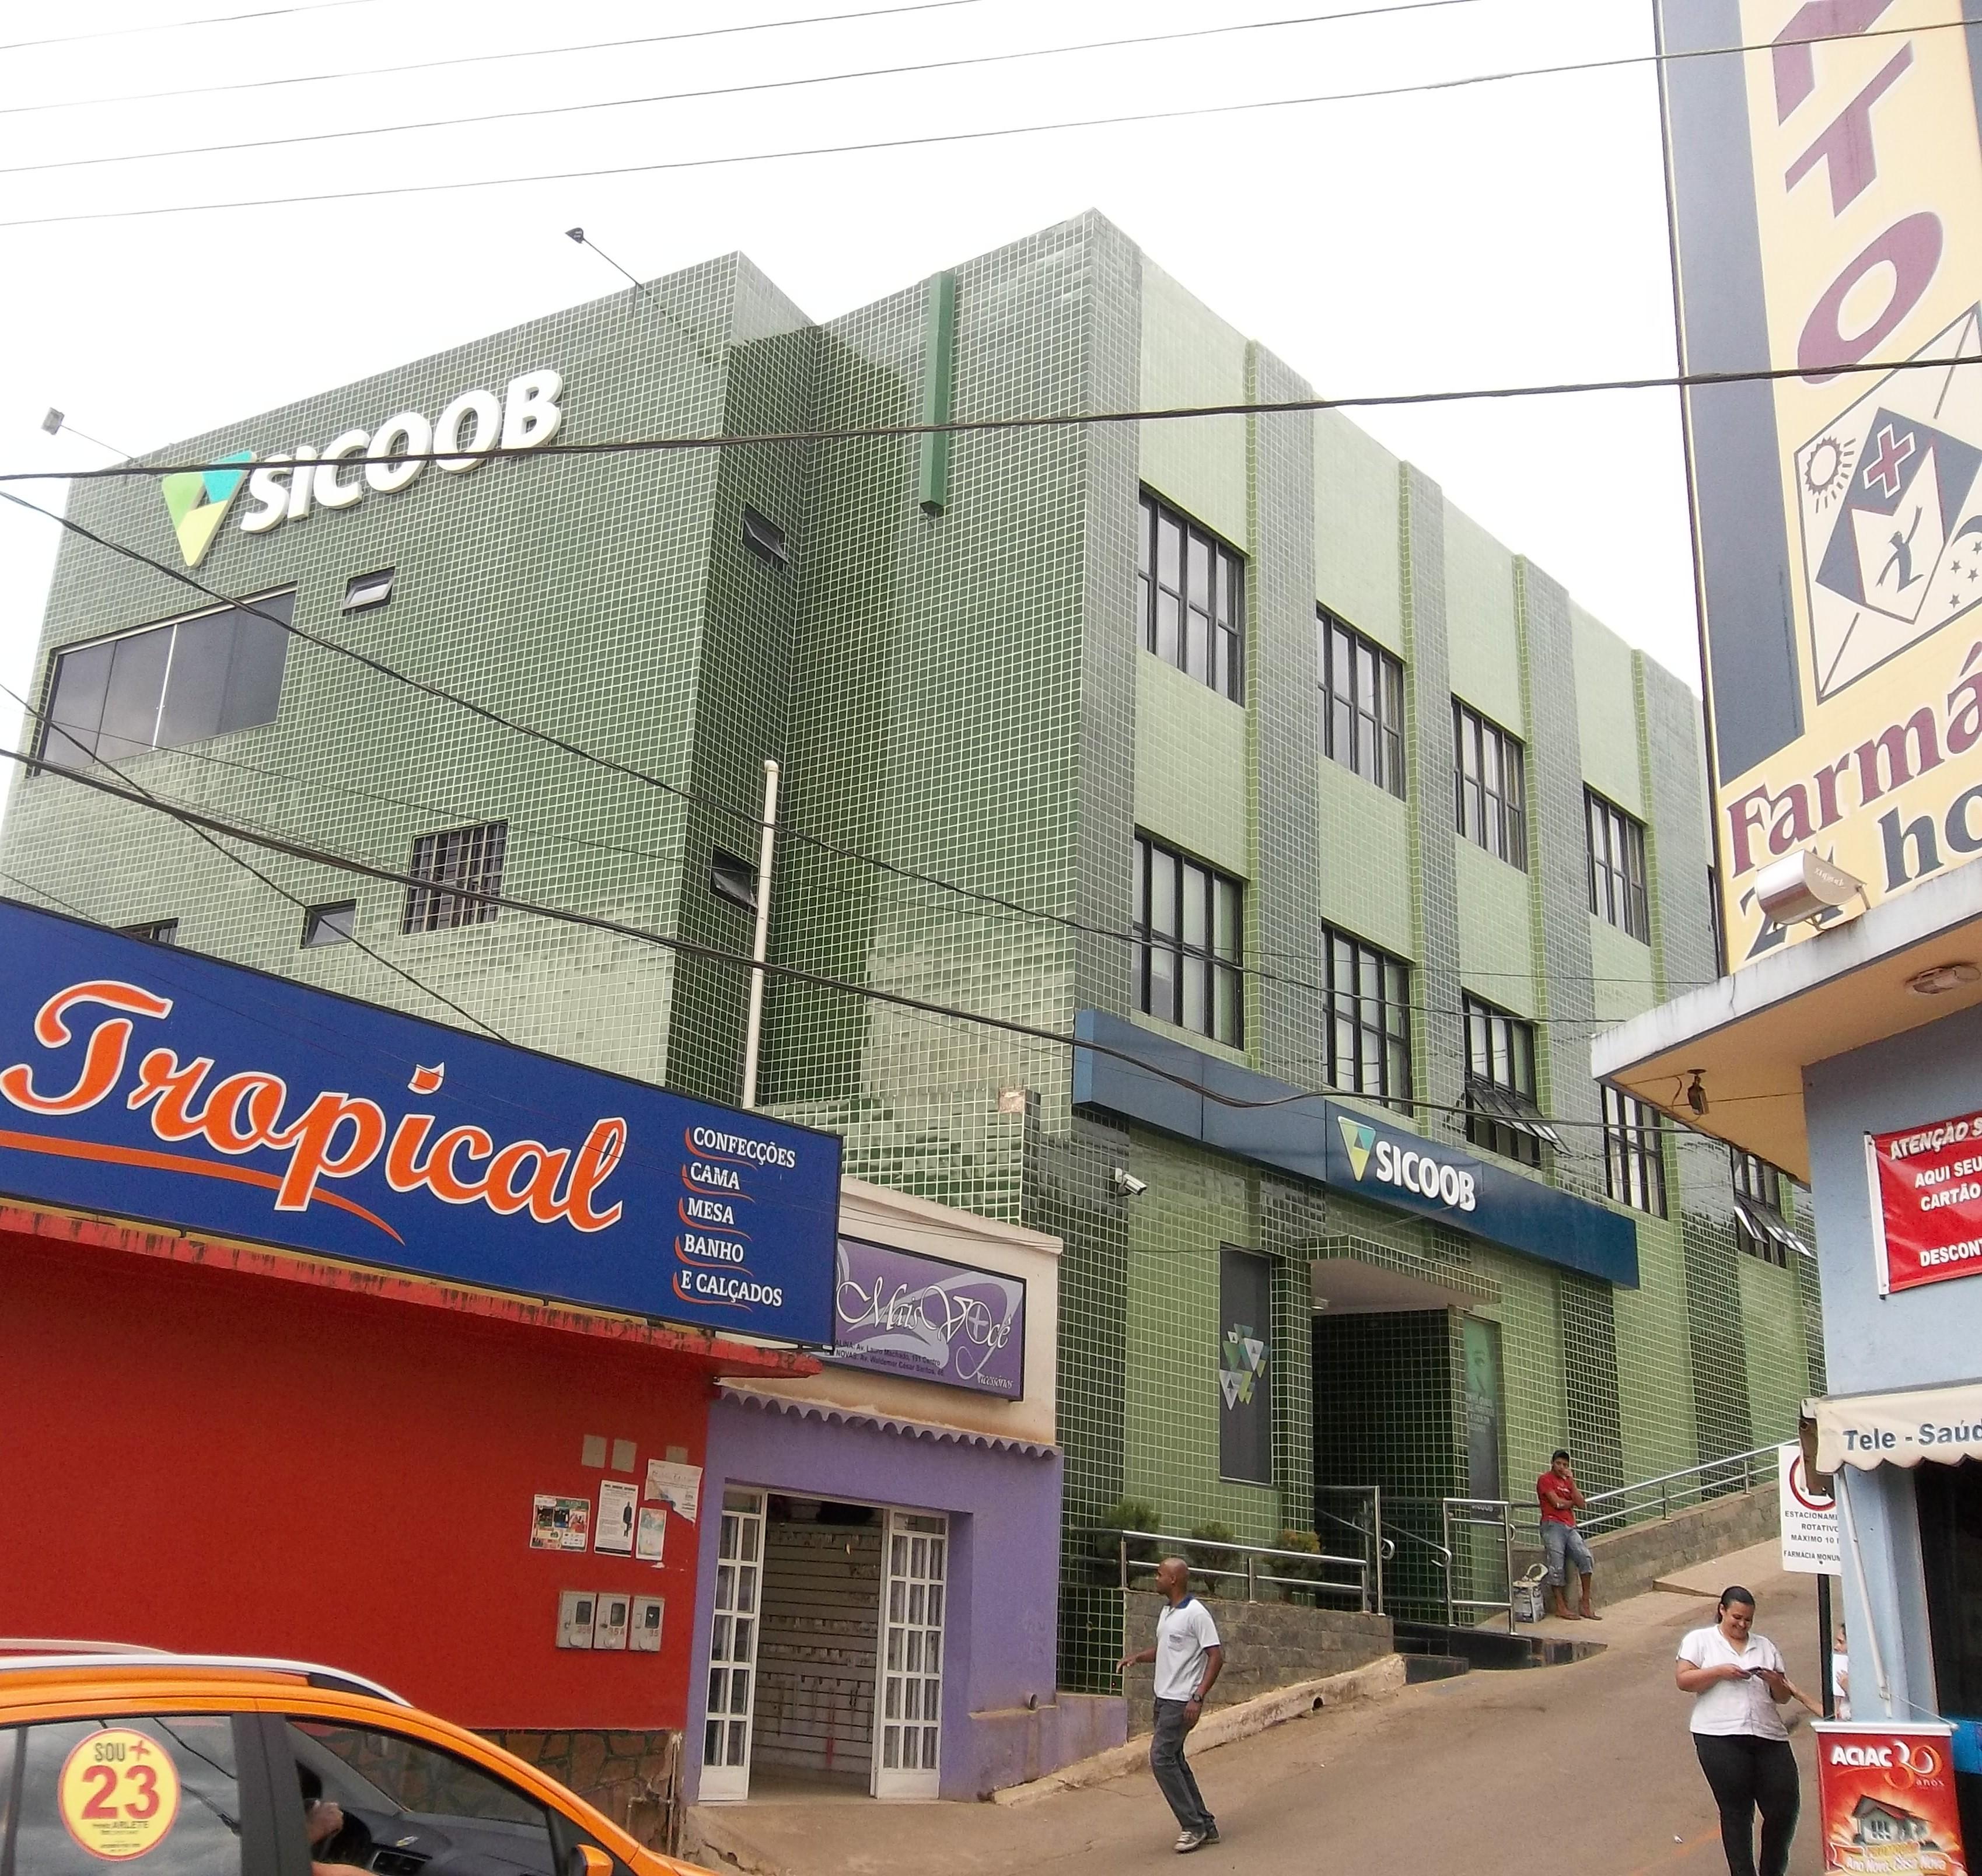 Capelinha Minas Gerais fonte: upload.wikimedia.org